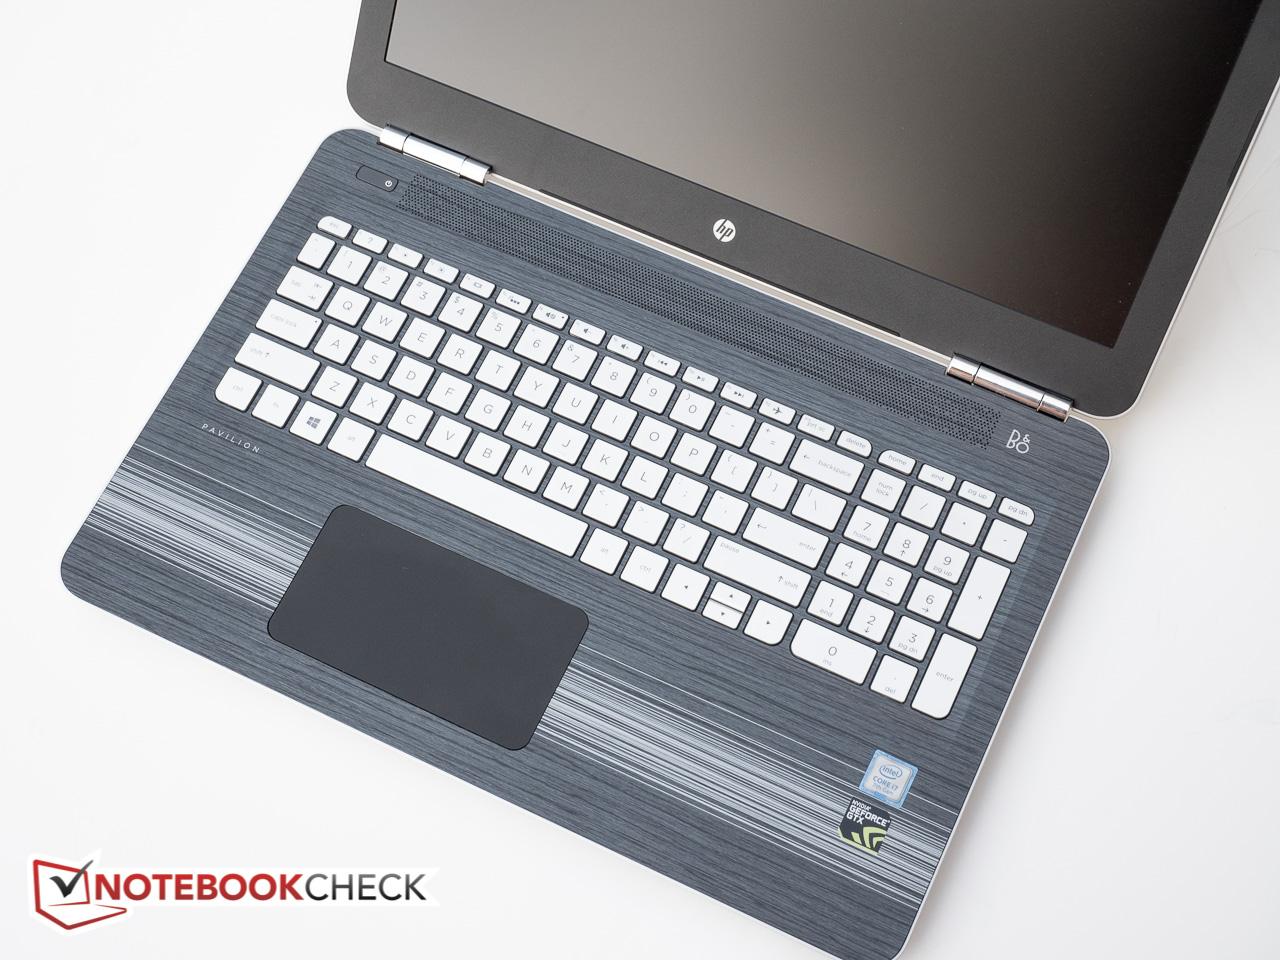 hp pavilion 15t x7p44av 7700hq fhd gtx 1050 laptop review reviews. Black Bedroom Furniture Sets. Home Design Ideas